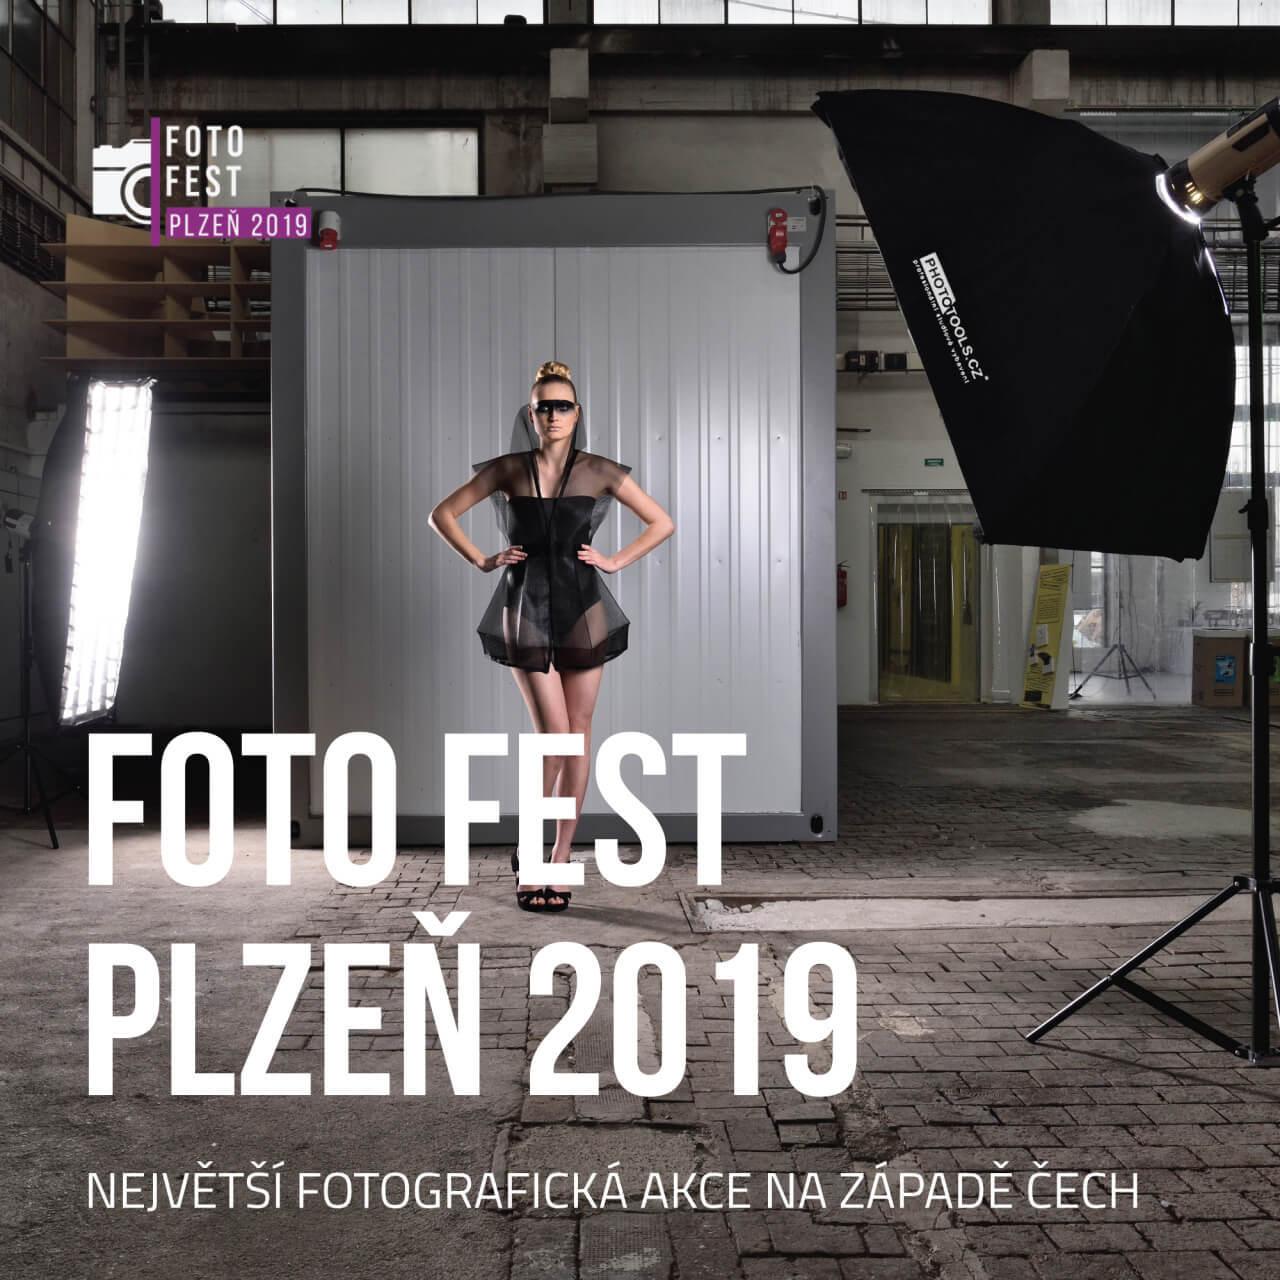 Foto Fest Plzeň 2019